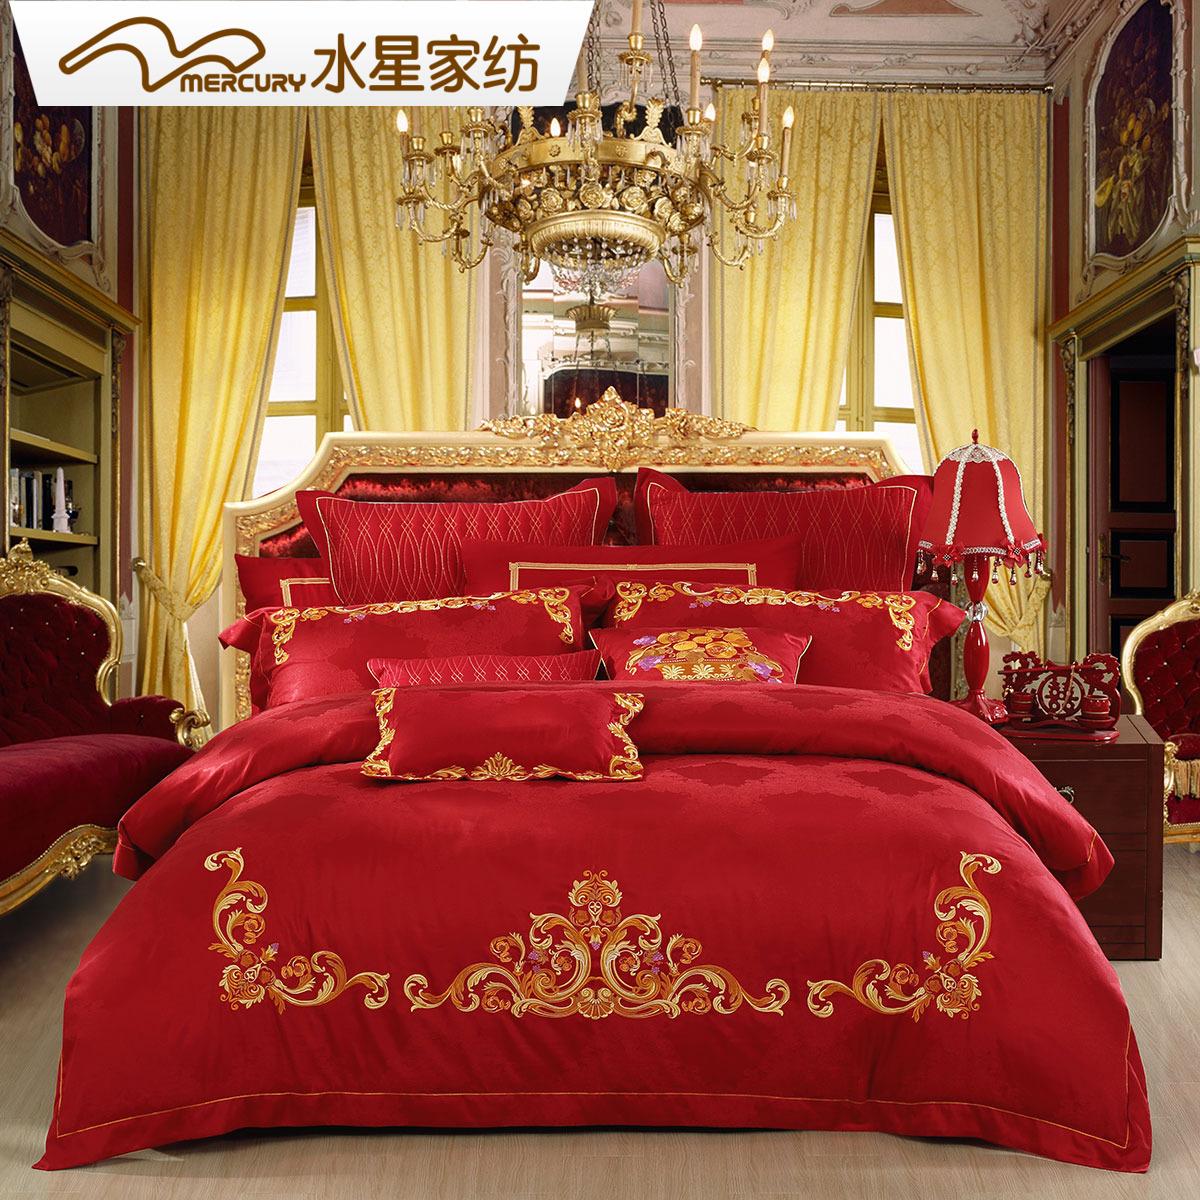 水星家纺婚庆六件套结婚刺绣提花大红床单被套床上用品缘定三生